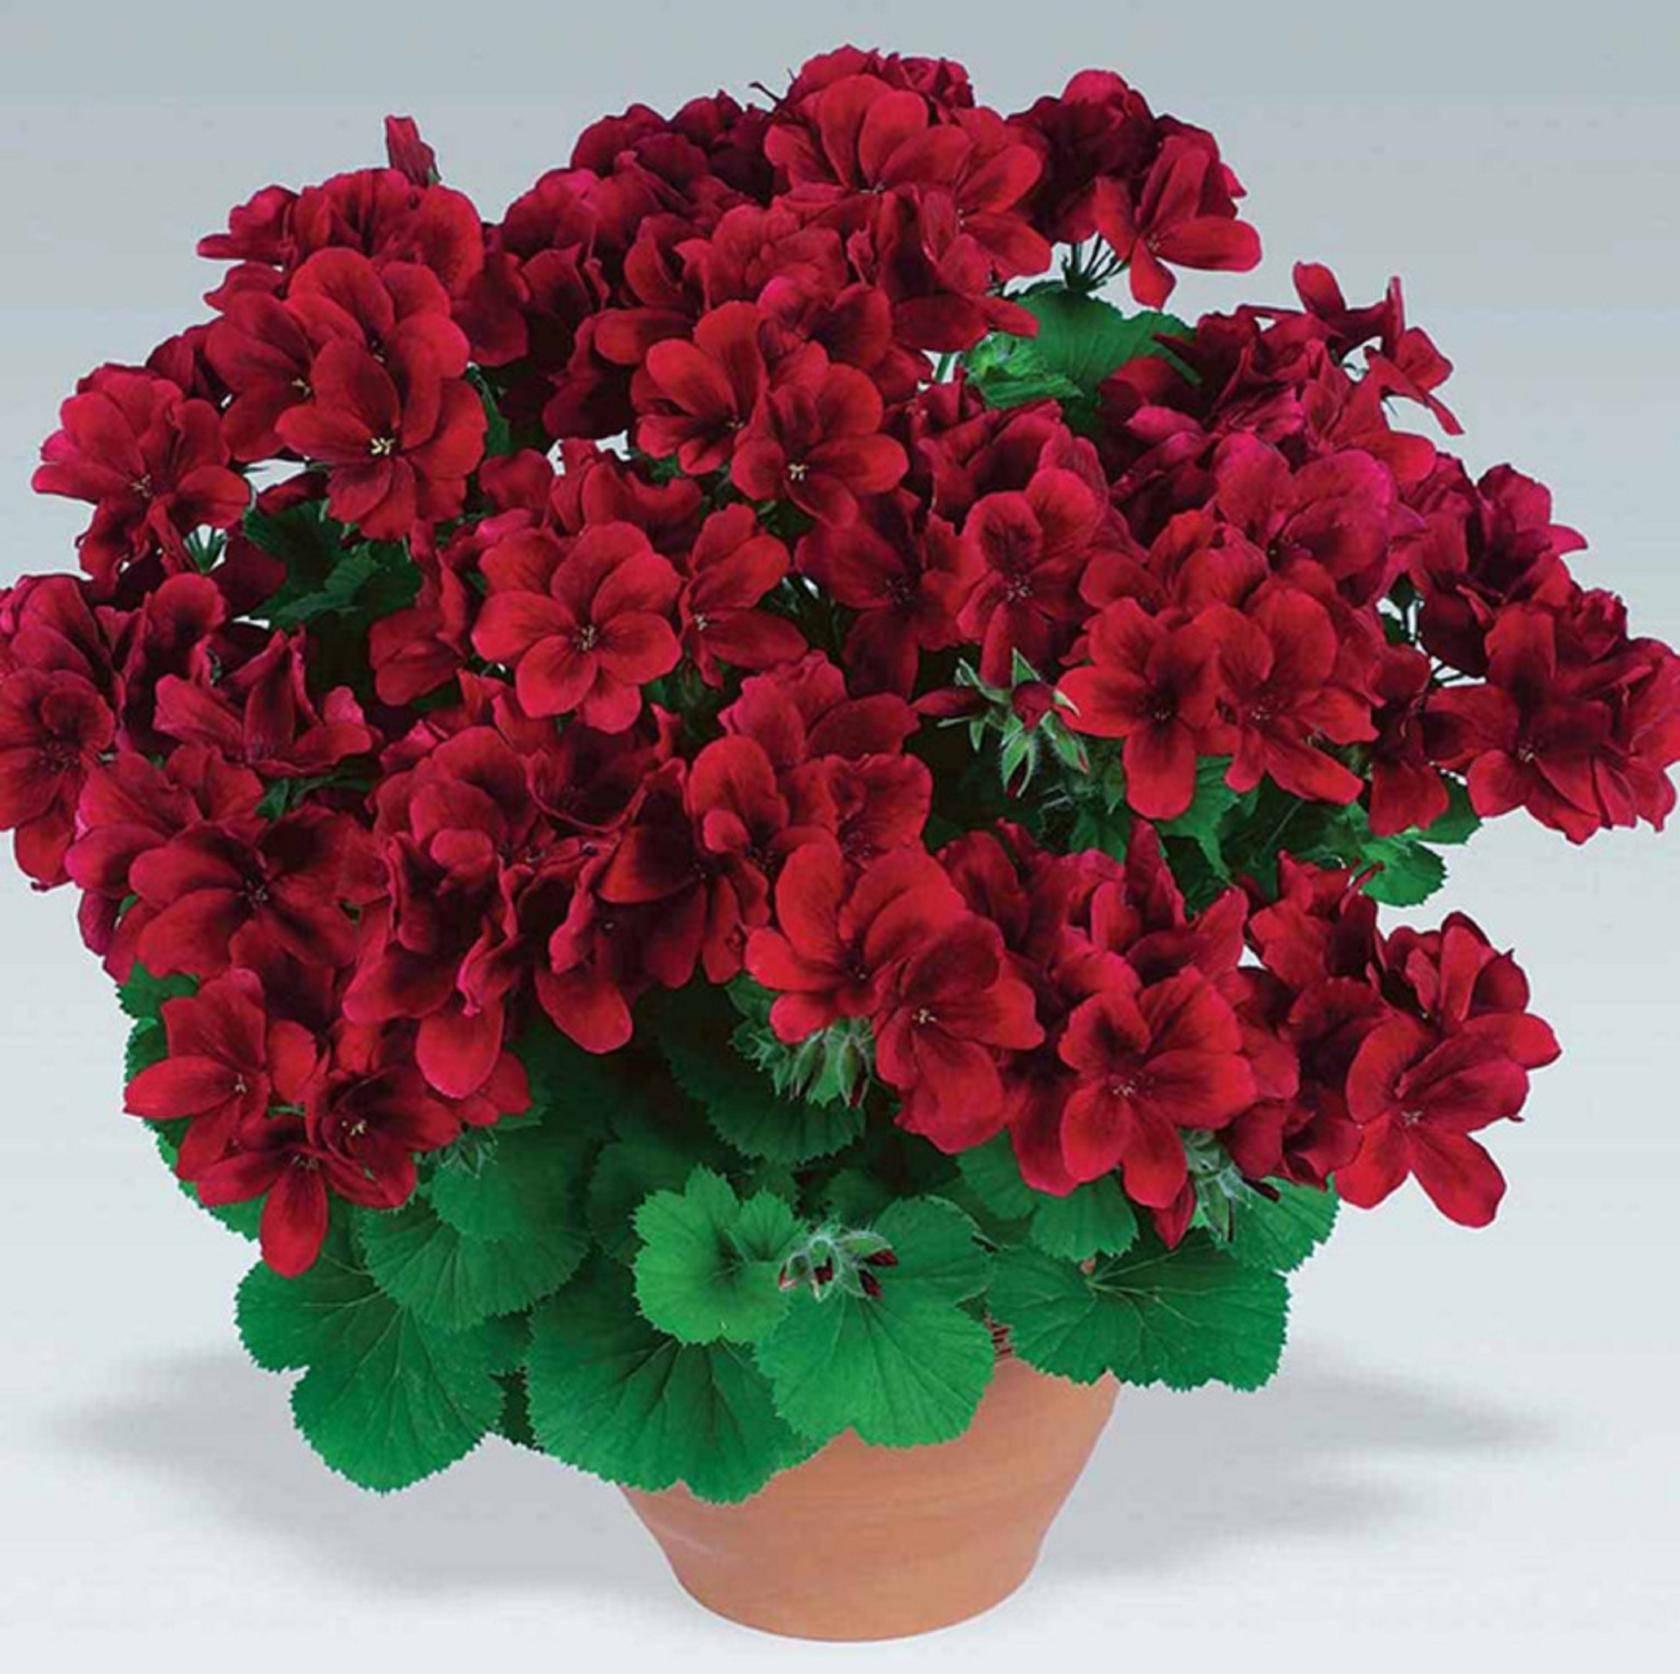 Королевская пеларгония — оригинальное растение для яркого ландшафта!